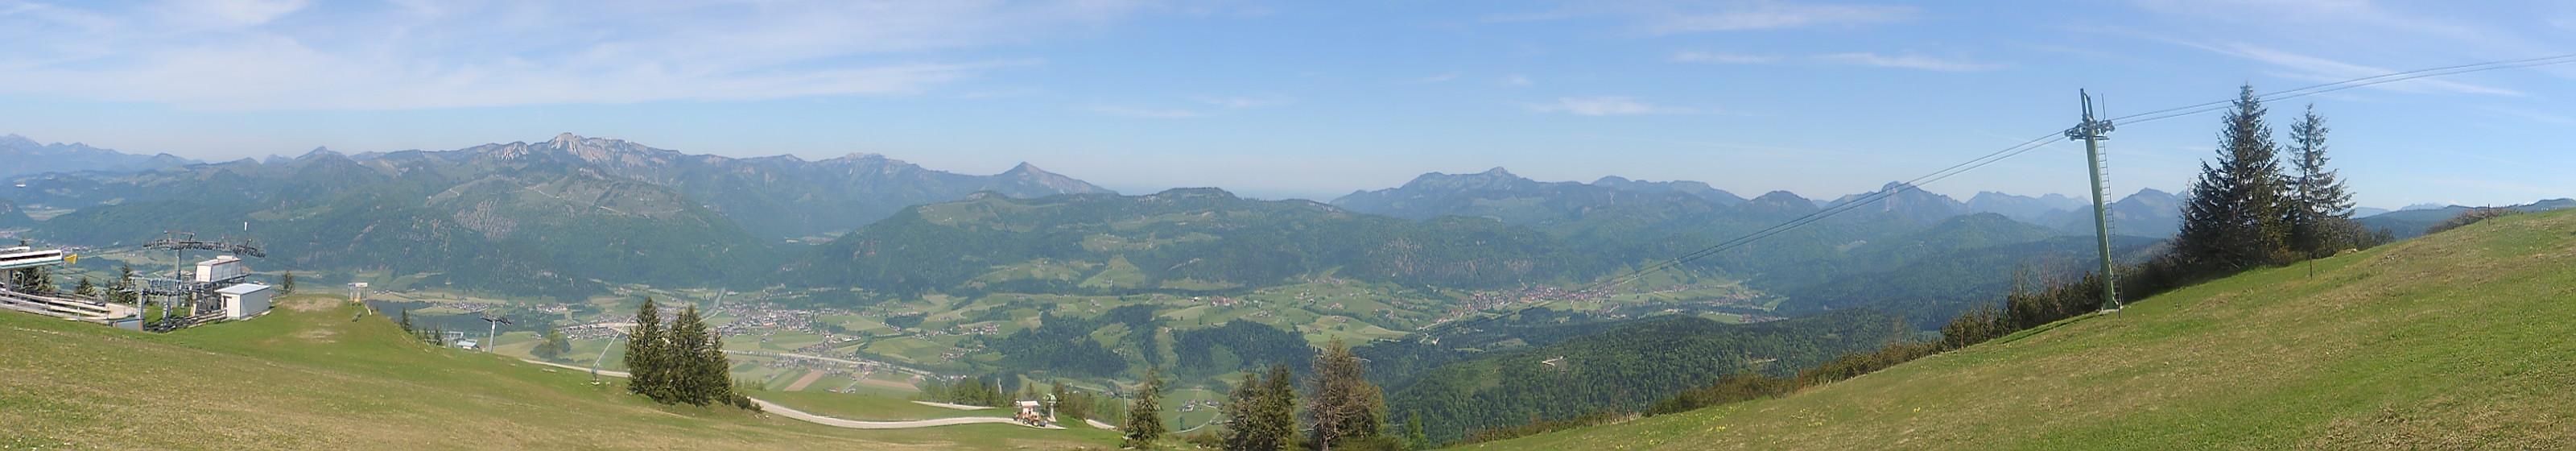 Die Aussicht vom Paragliding-Startplatz Panorama